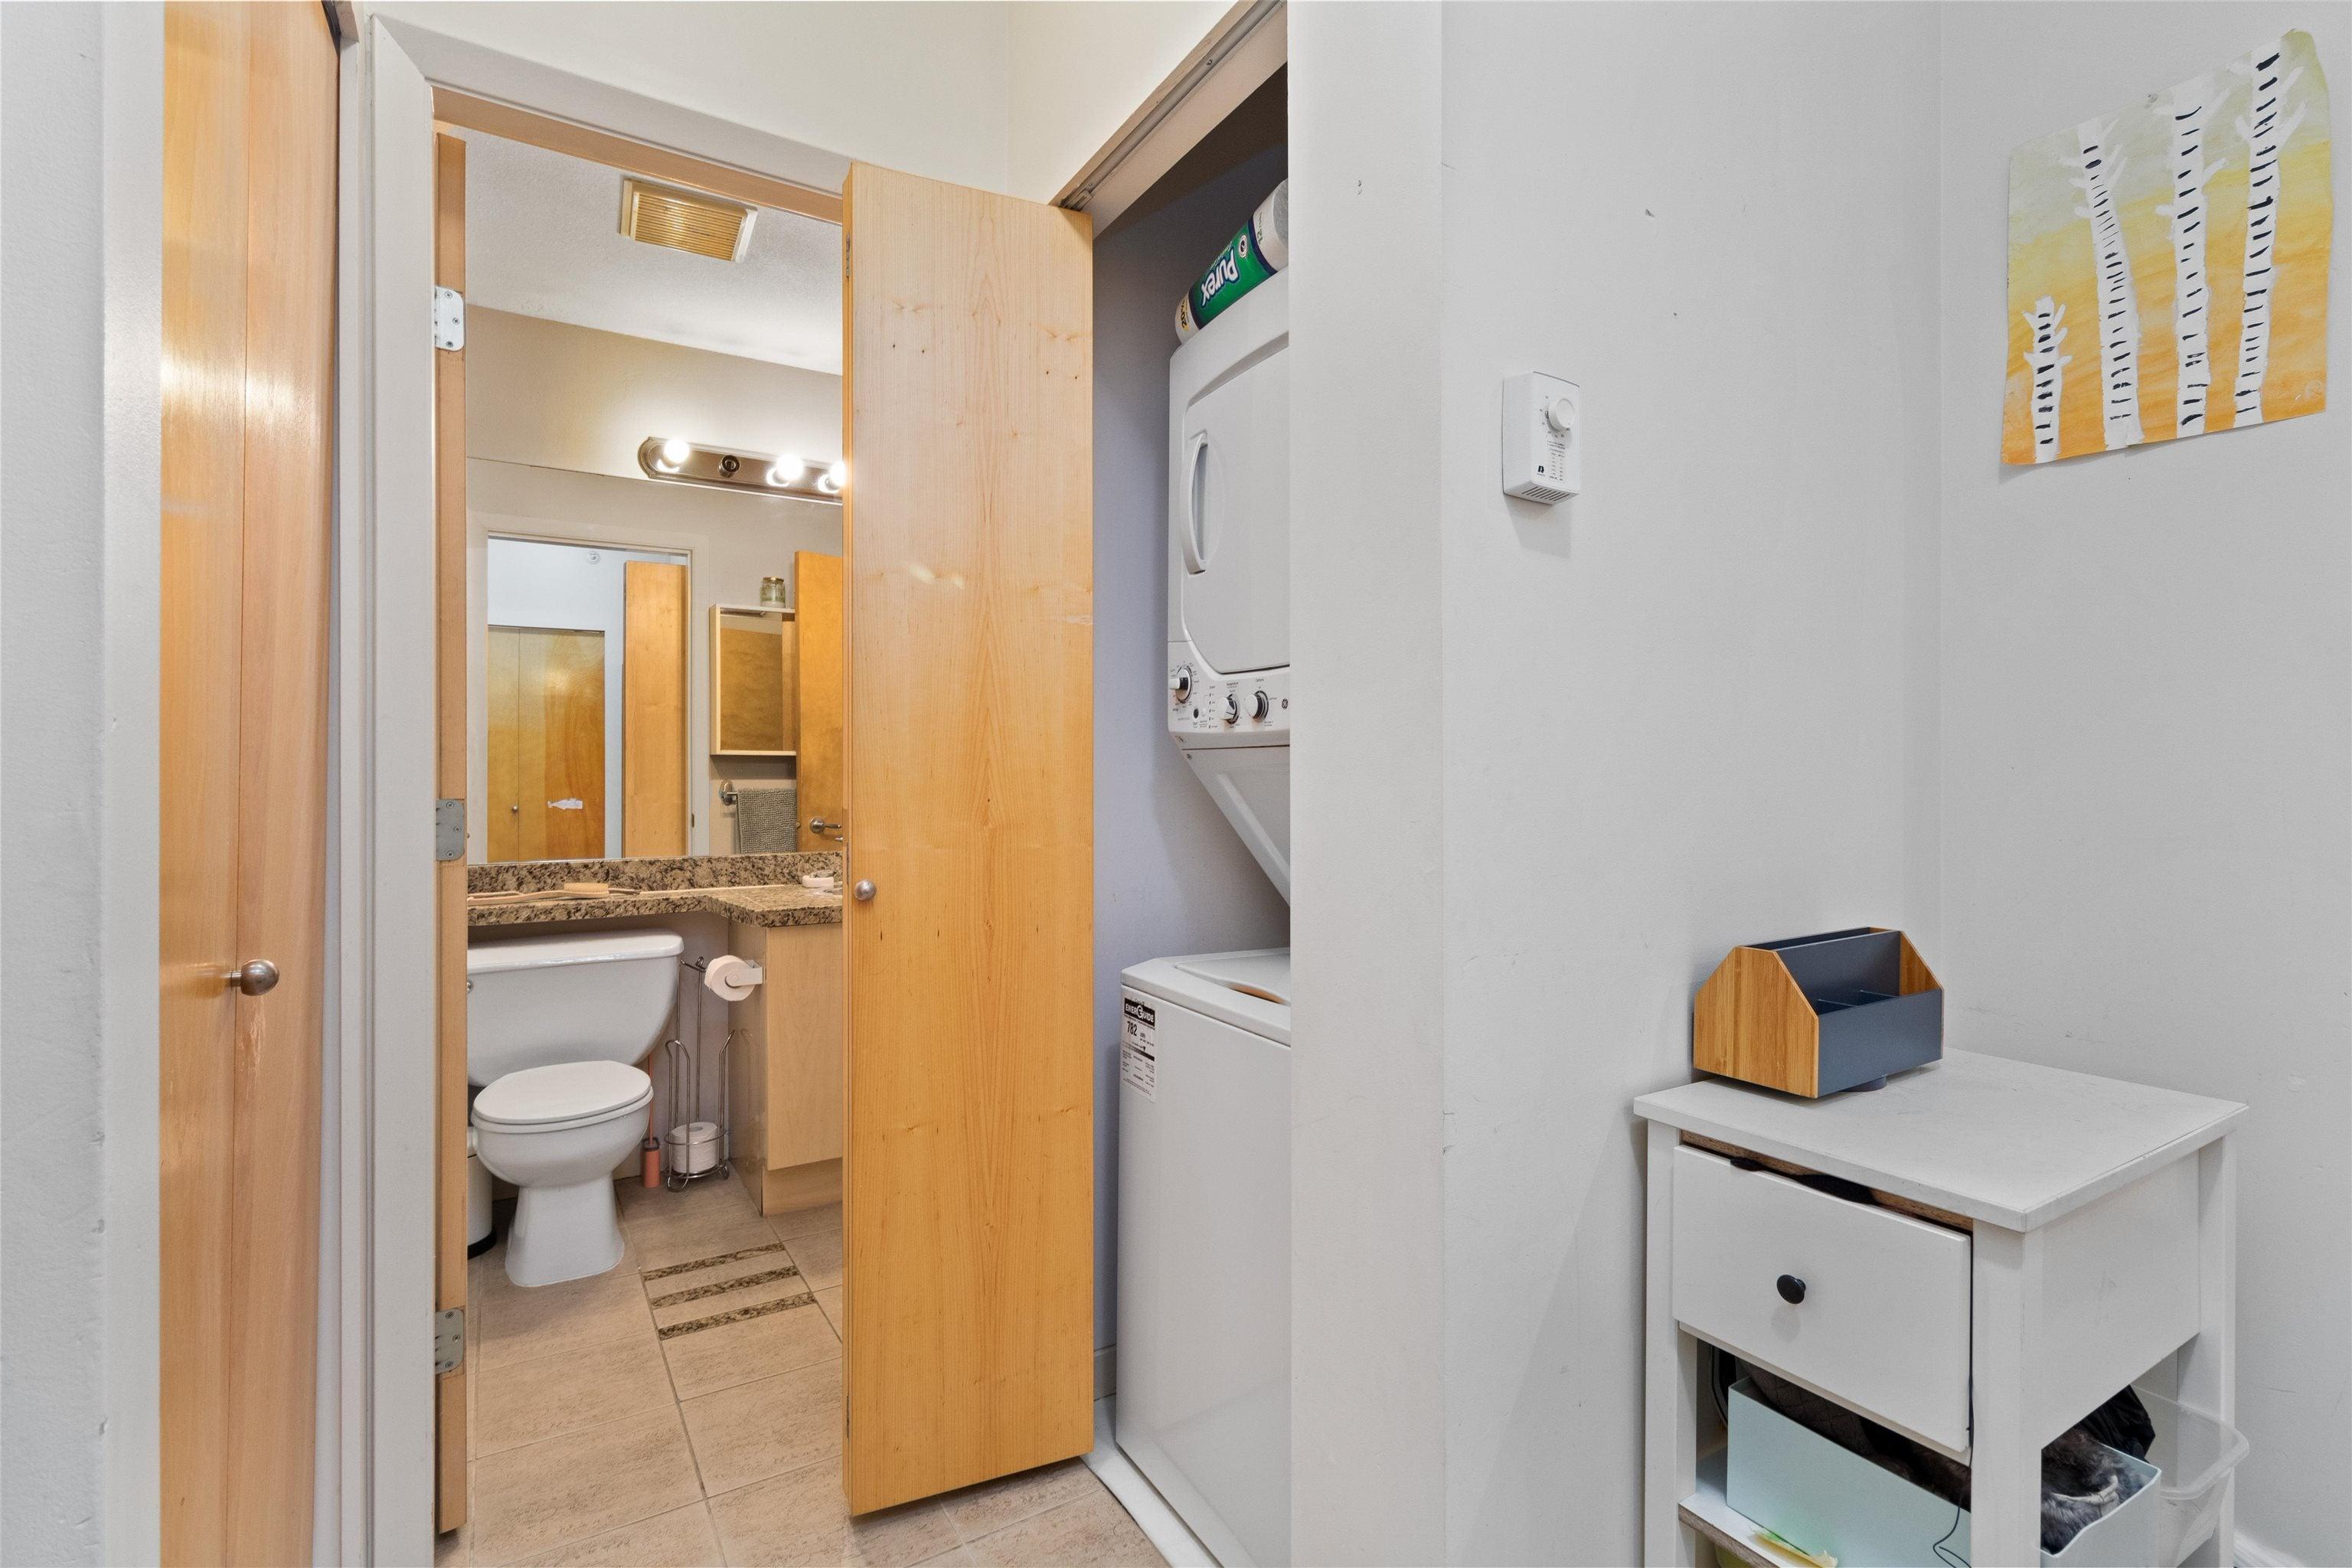 209 2228 MARSTRAND AVENUE - Kitsilano Apartment/Condo for sale, 1 Bedroom (R2617246) - #18